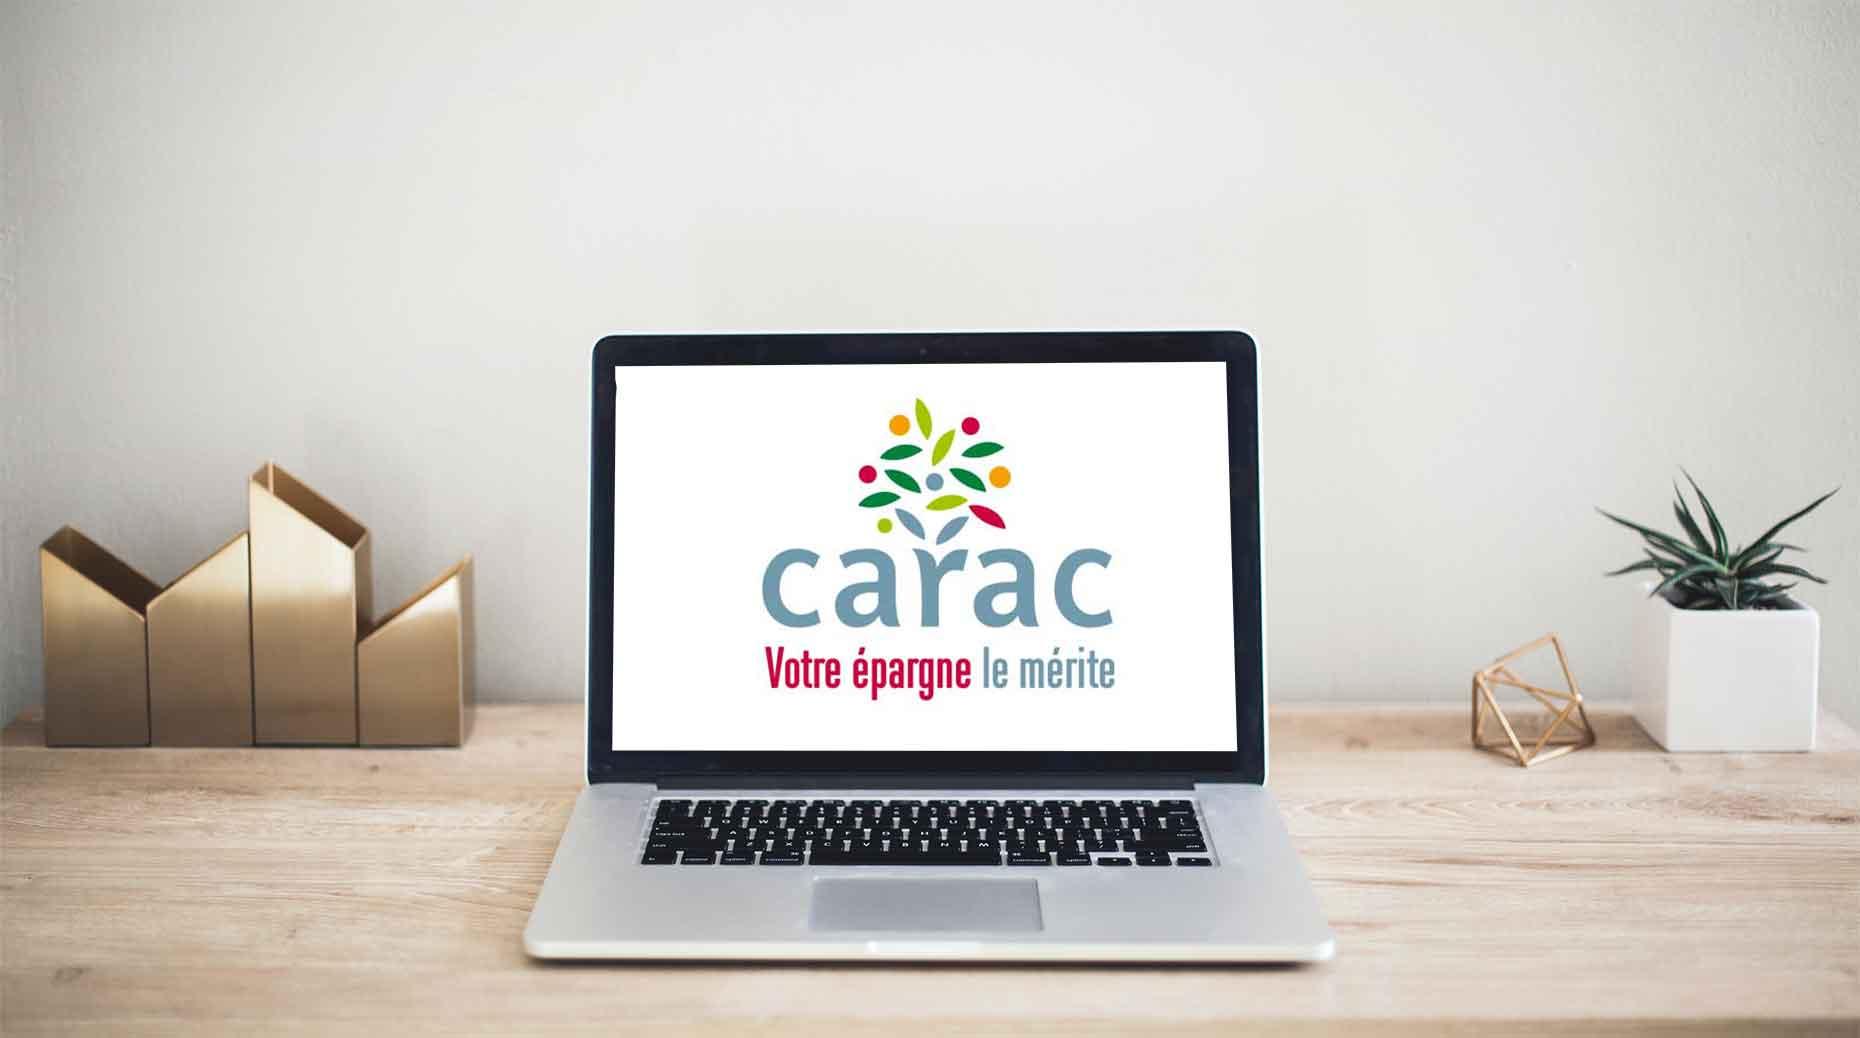 Résultats 2020 : Un chiffre d'affaires en baisse de 25%  pour la Carac